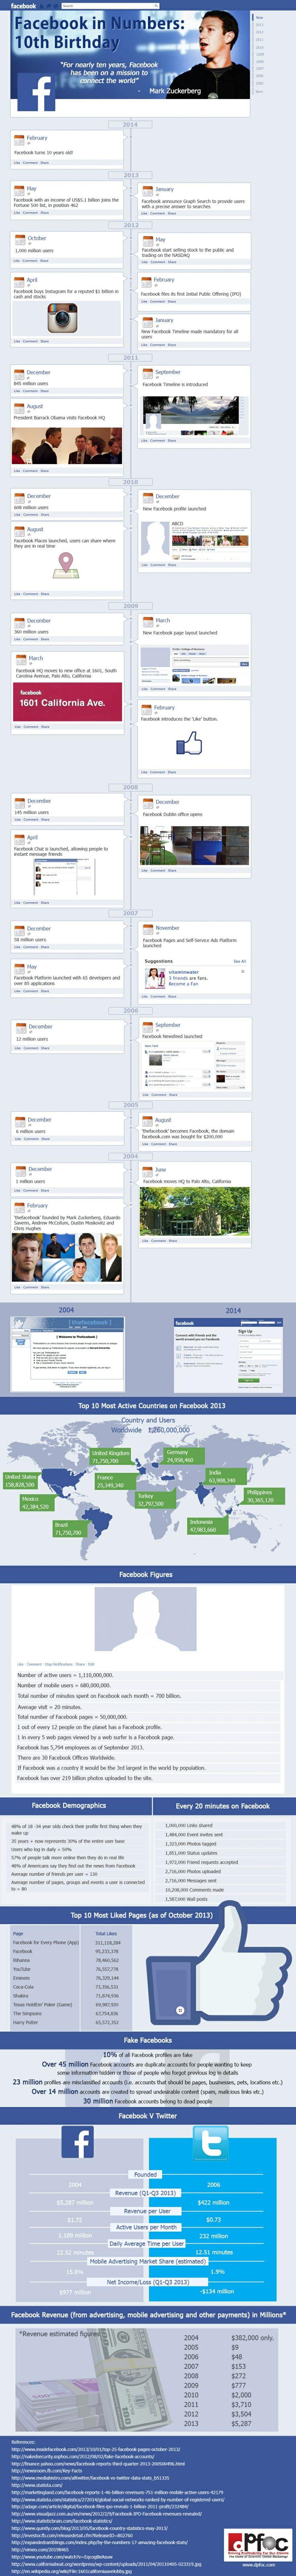 Facebook wird zehn Jahre